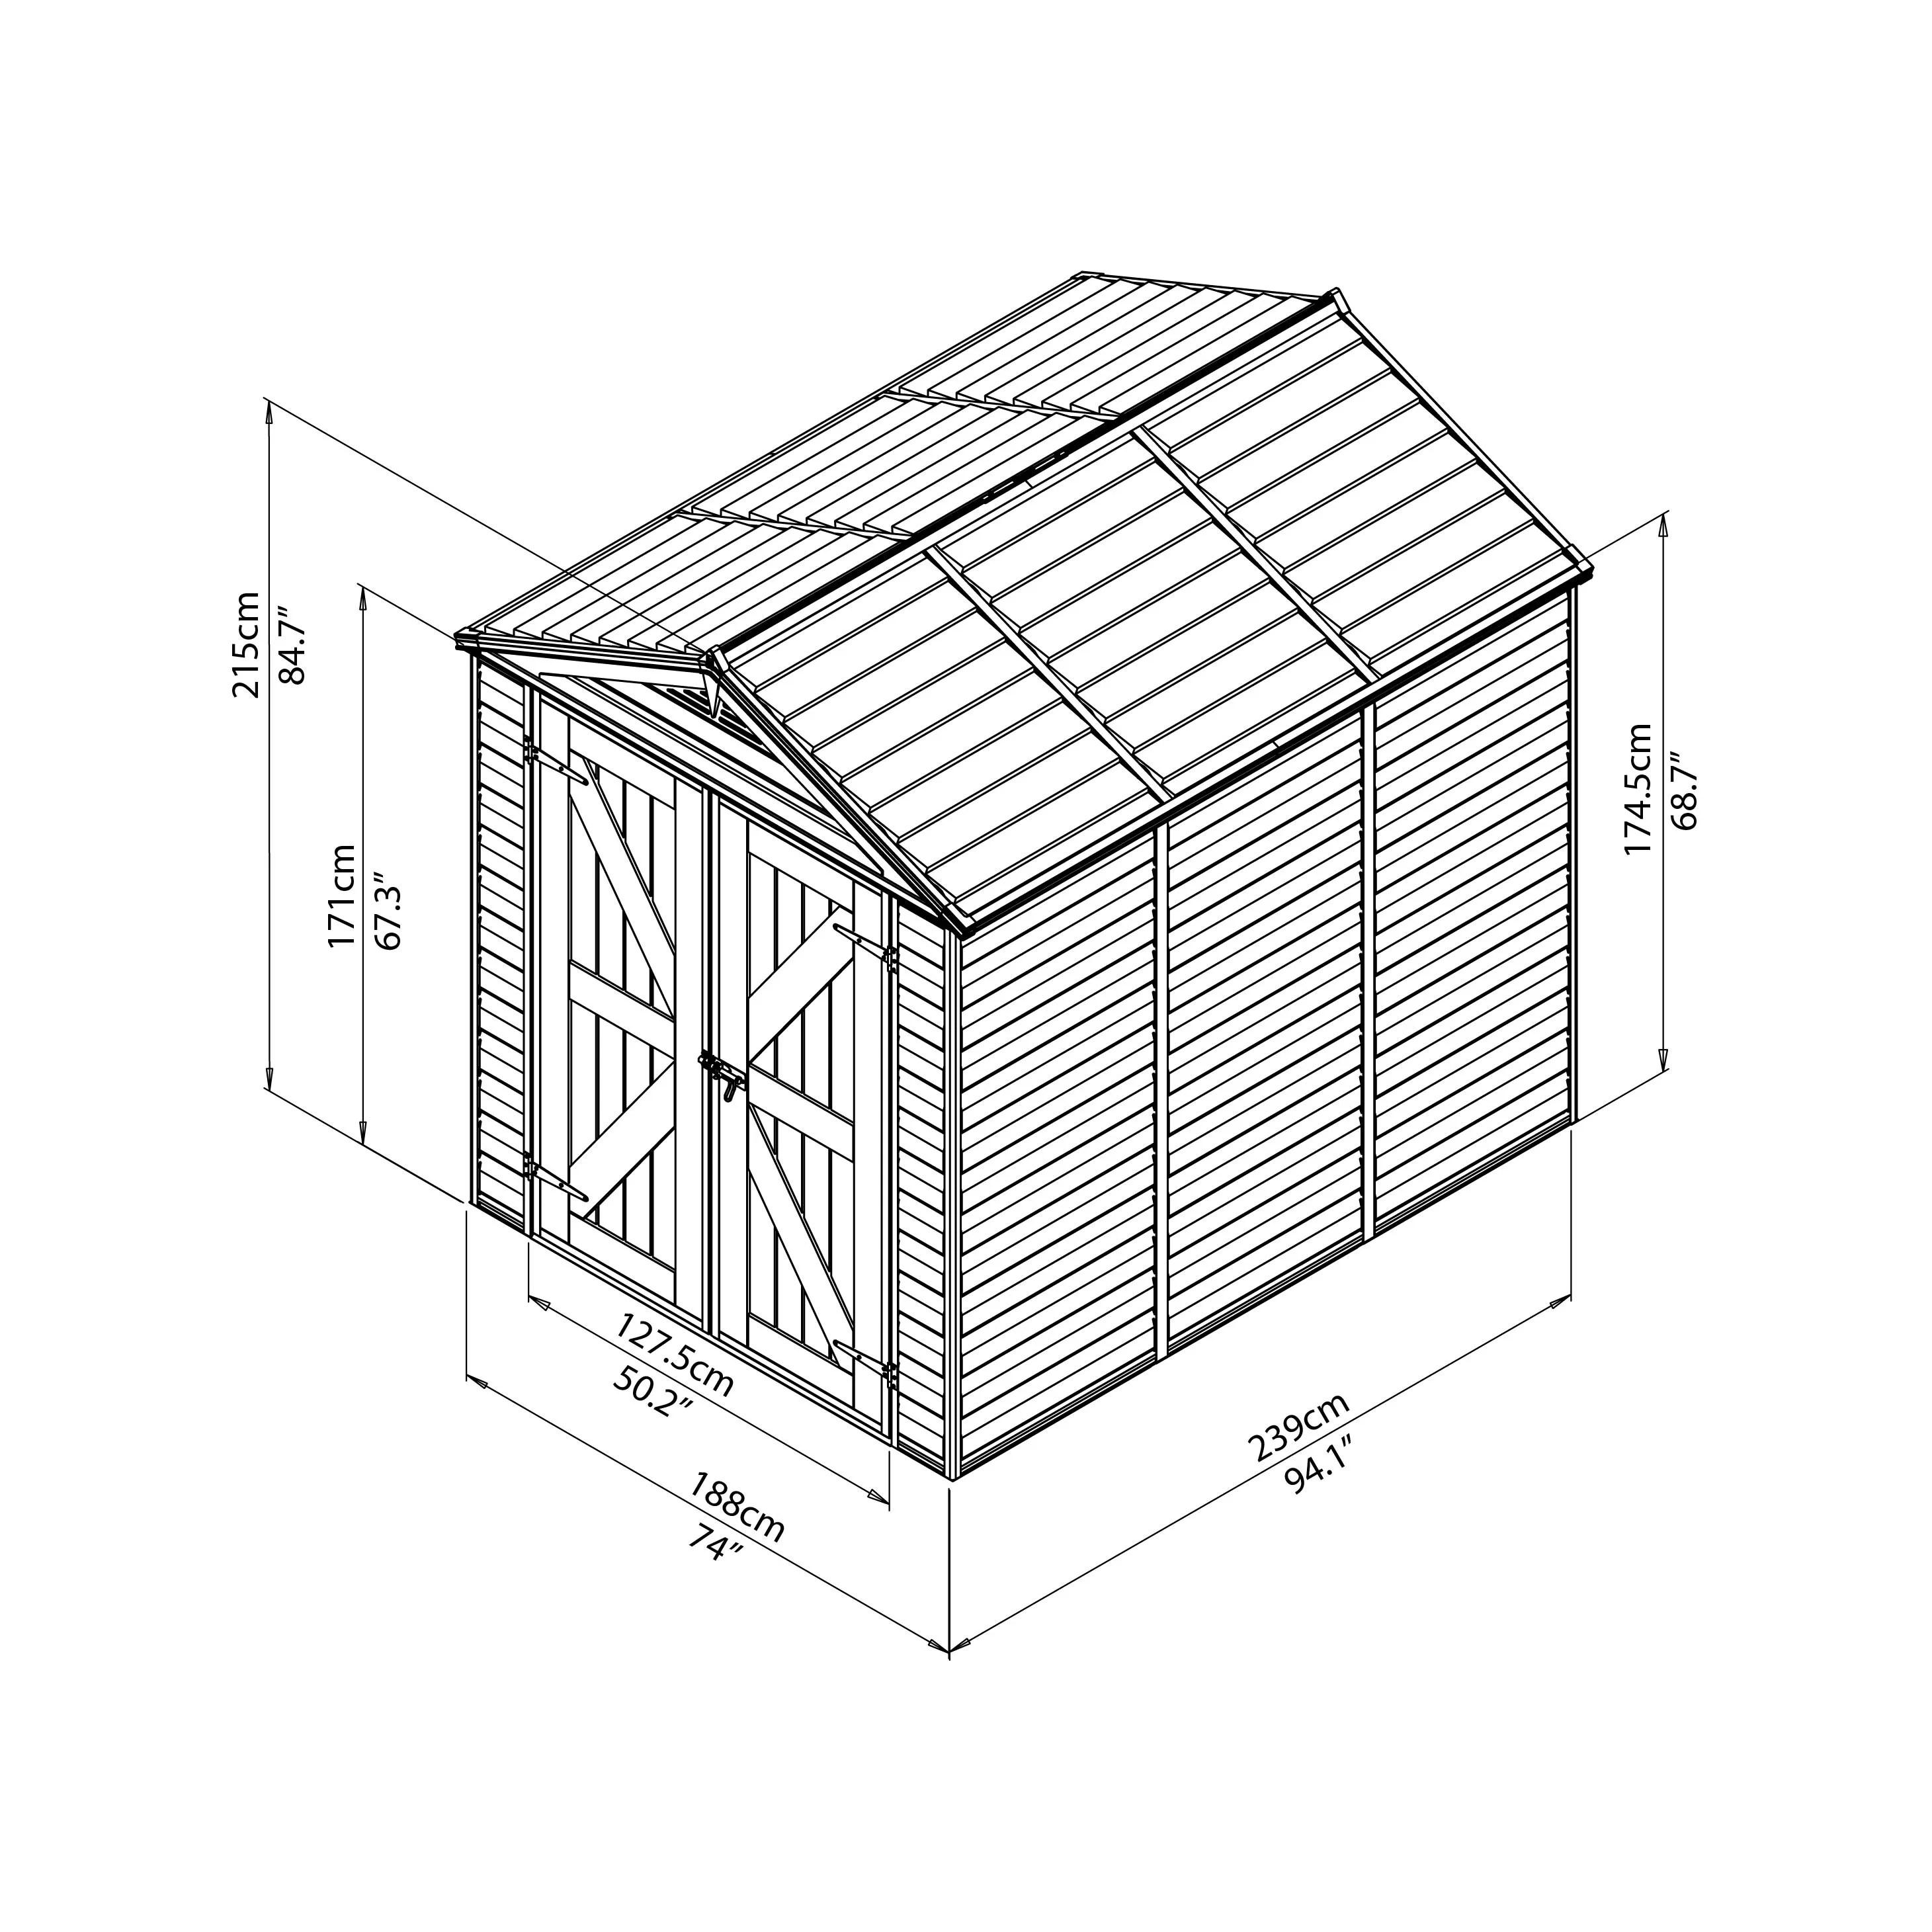 Palram Skylight 6 Ft W X 8 Ft D Polycarbonate Storage